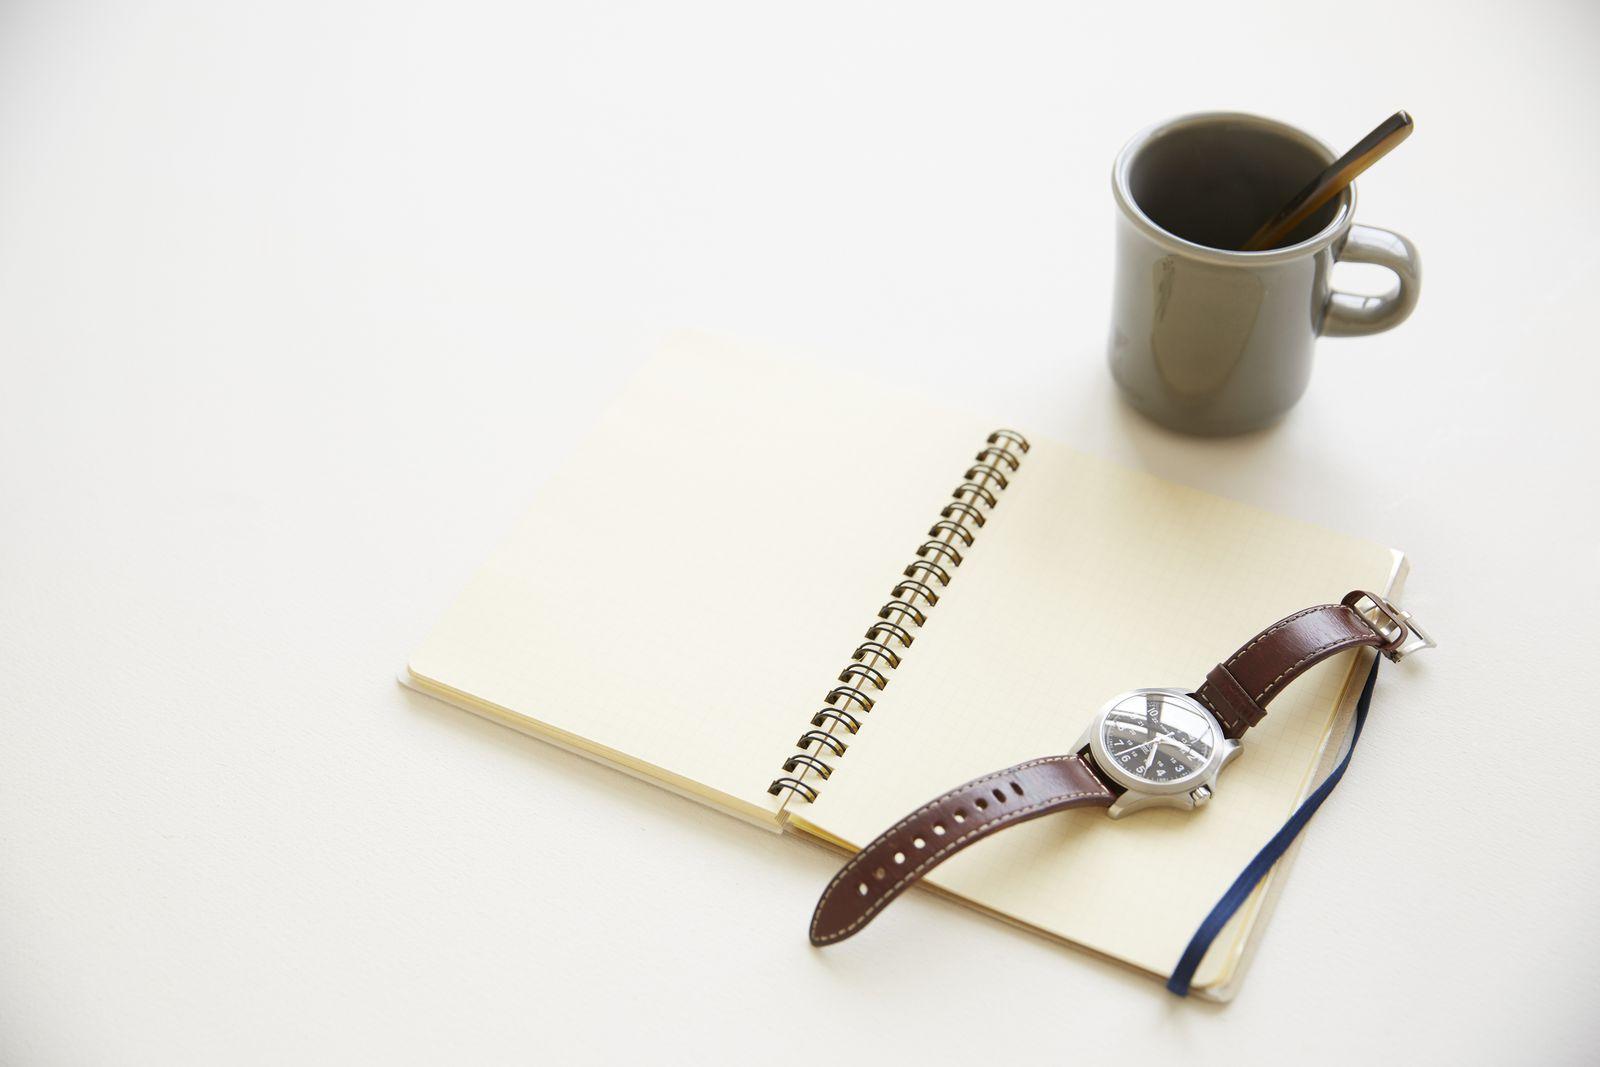 Xmasにおねだり!1万円代で買えるオシャレ腕時計「knot」が流行る予感